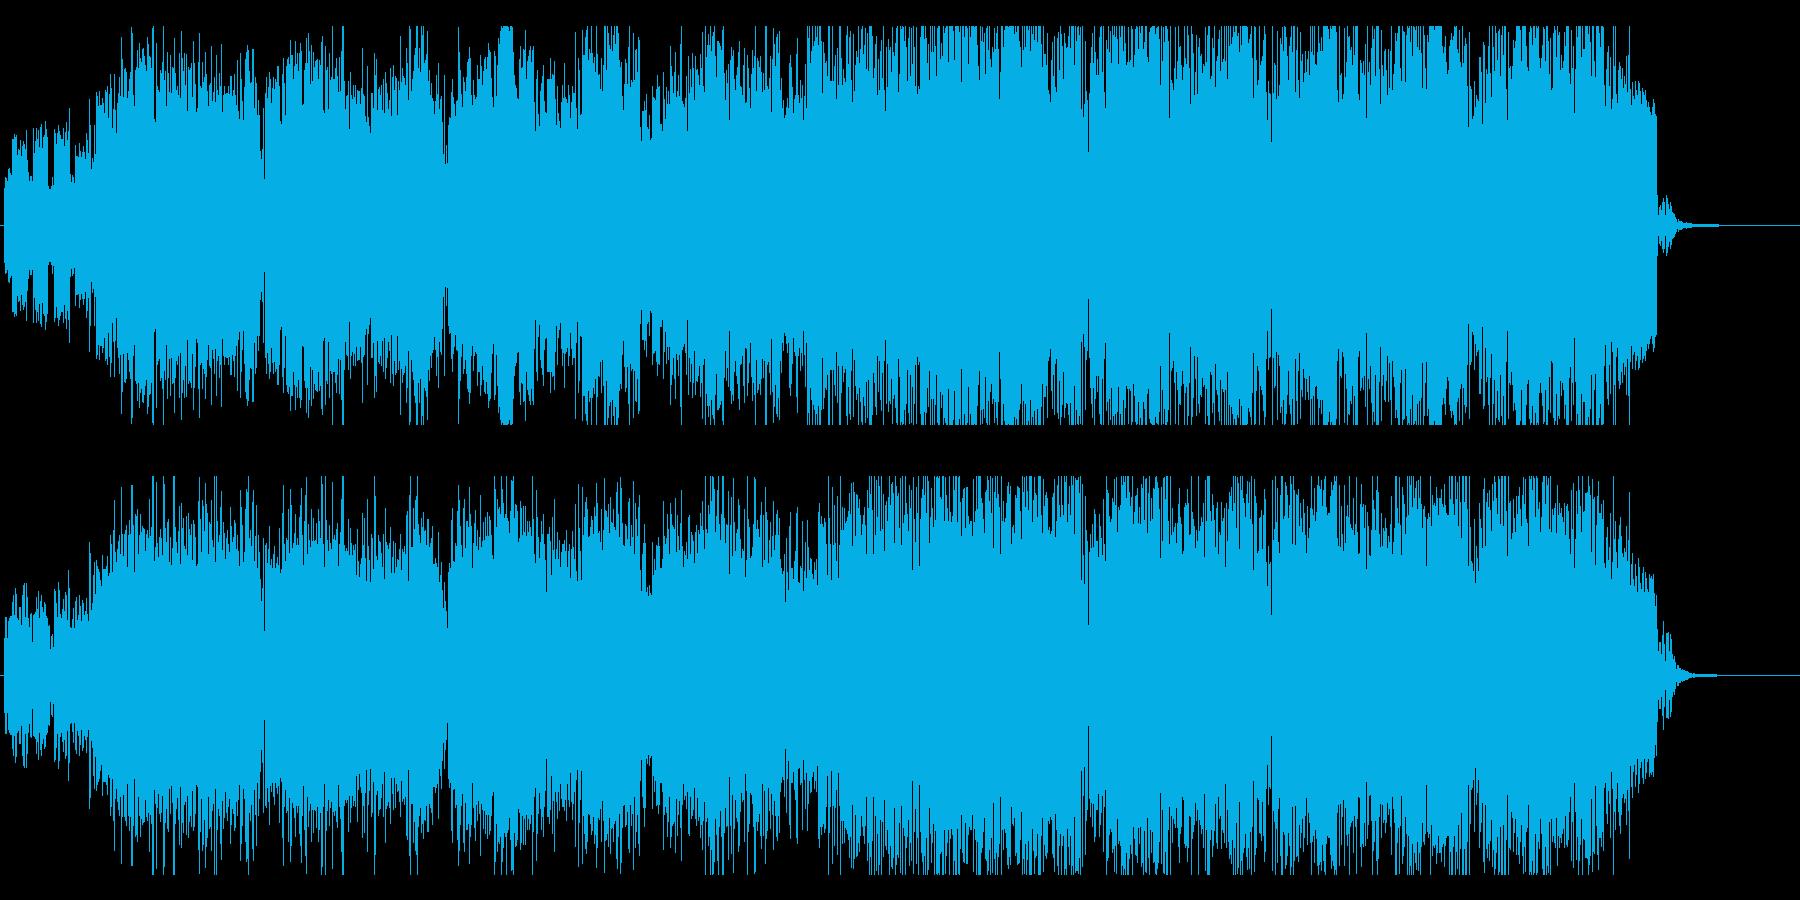 エレクトロニカ風ジムノペティの再生済みの波形